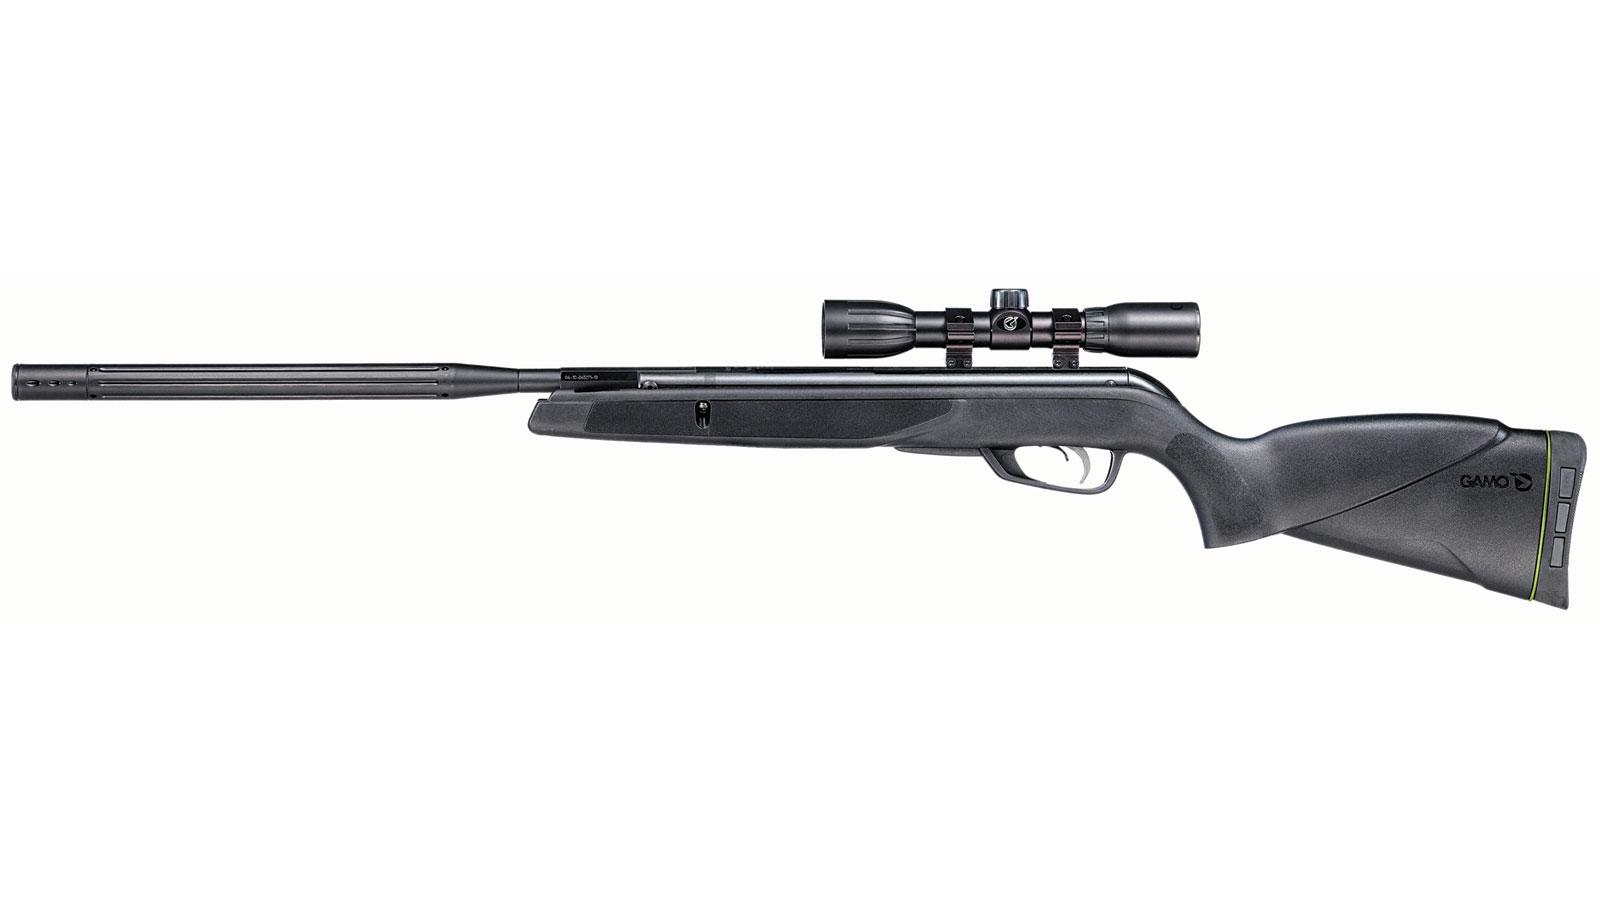 Gamo 611006795554 Raptor Whisper Air Rifle Break Open .22 Pellet Black